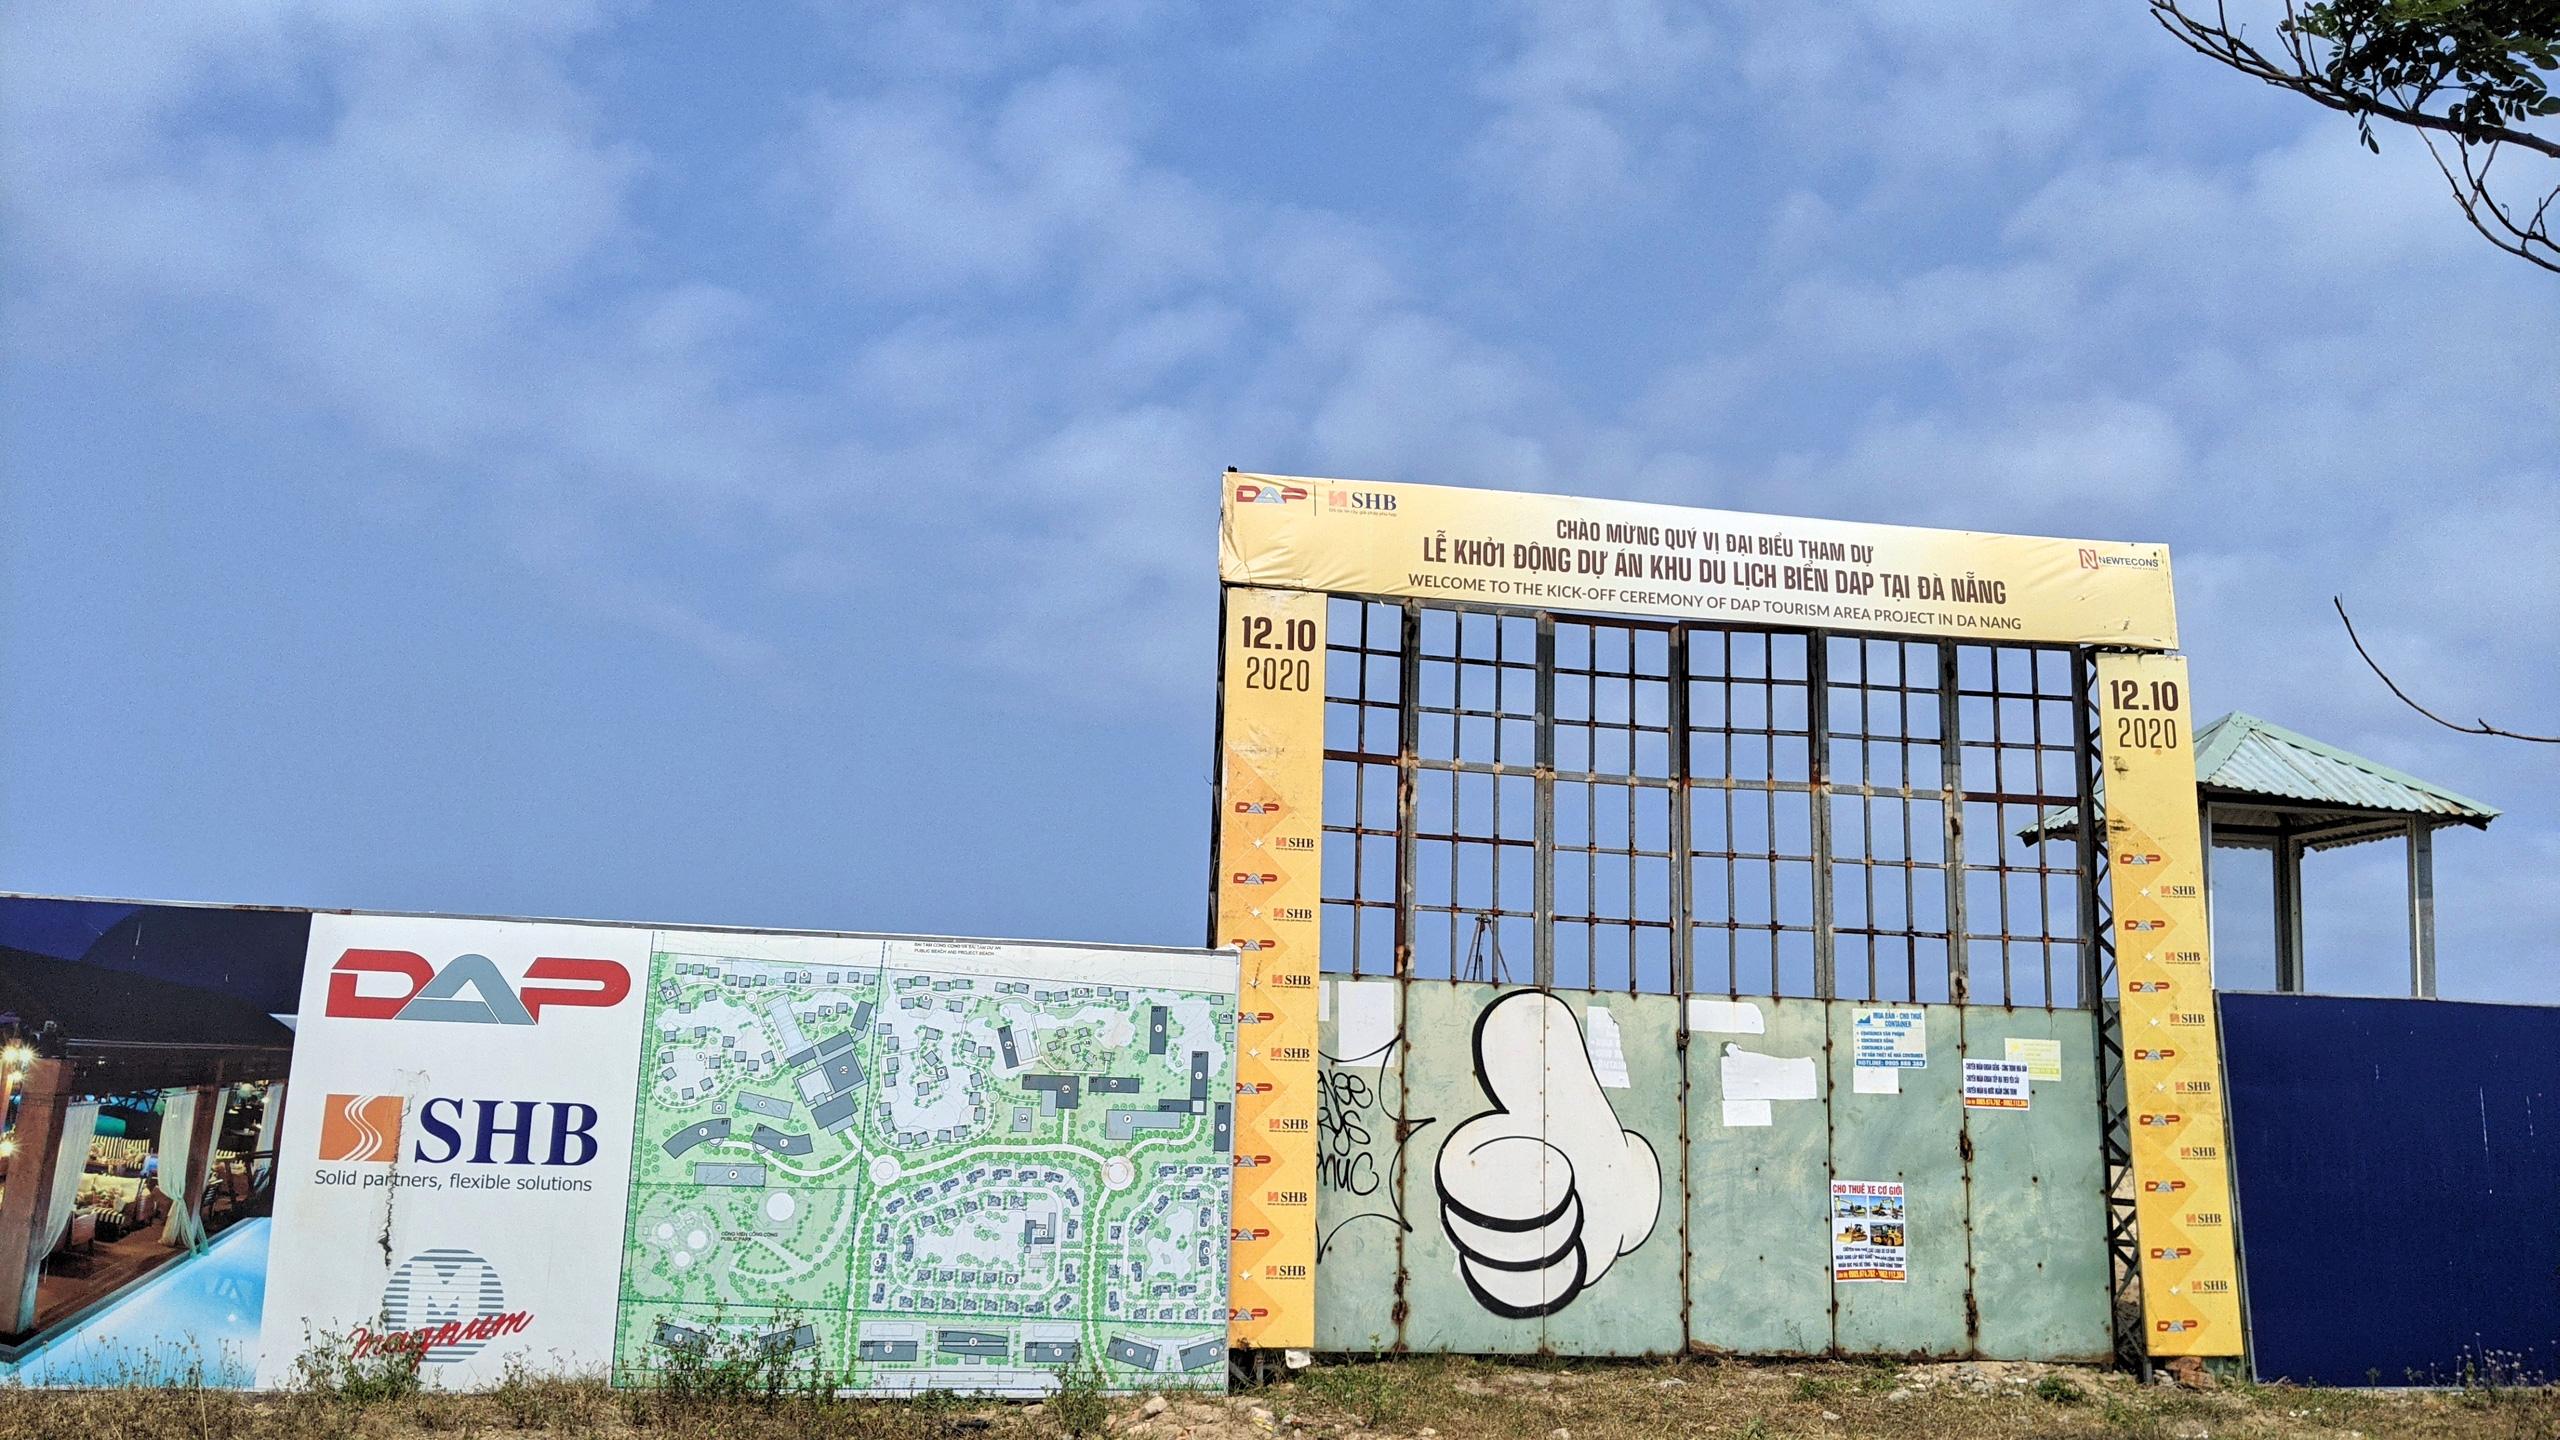 Doanh nghiệp BĐS hội tụ dọc đường ven biển Đà Nẵng - Hội An [Phần 1]: Vingroup, BRG, Sovico,... - Ảnh 19.